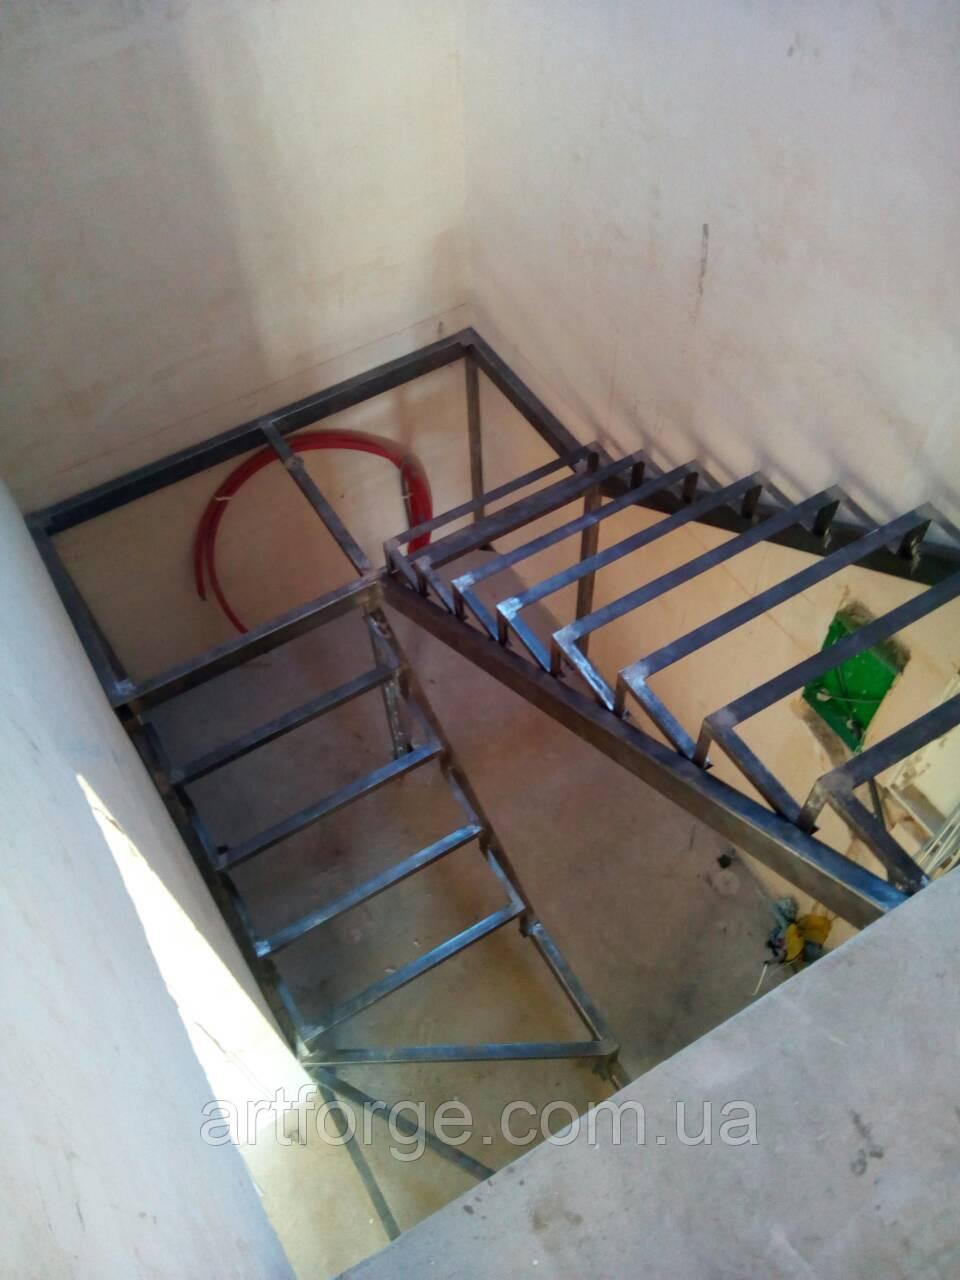 Каркас сходів з розворотом. Металокаркас для сходів